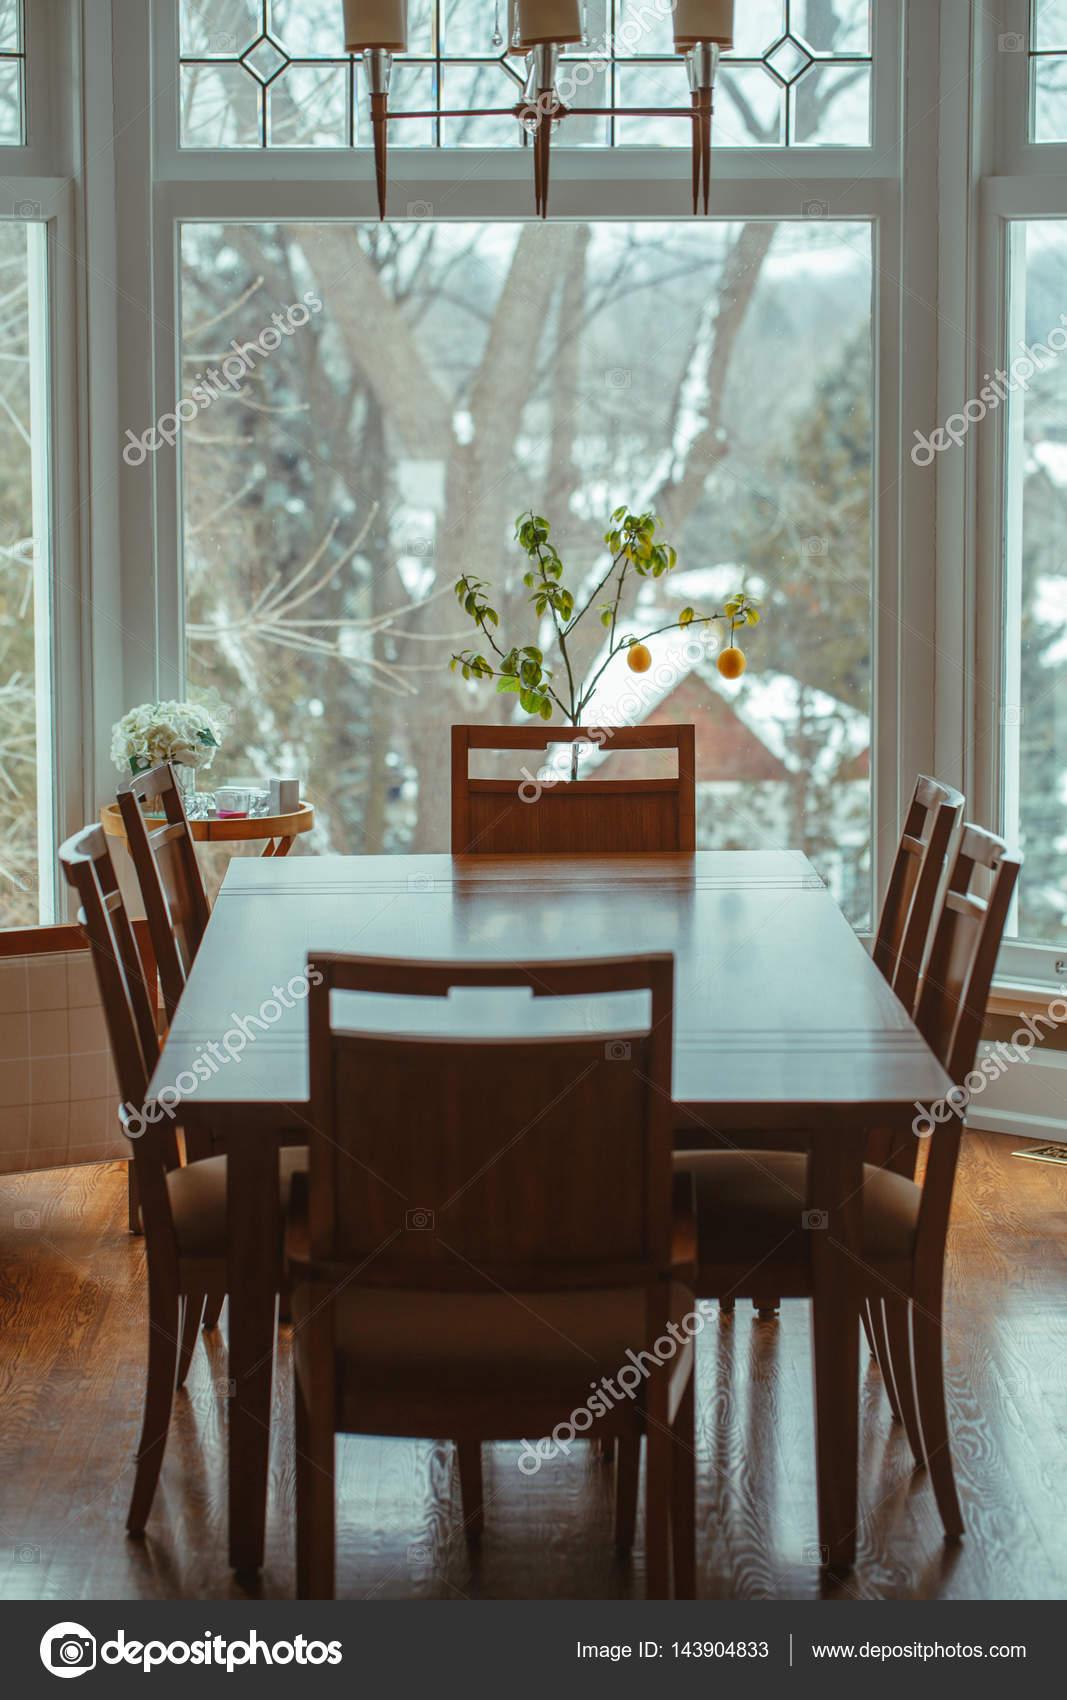 Tavoli Da Pranzo Classici In Legno.Tavolo Da Pranzo Classico In Legno Foto Stock C Anoushkatoronto